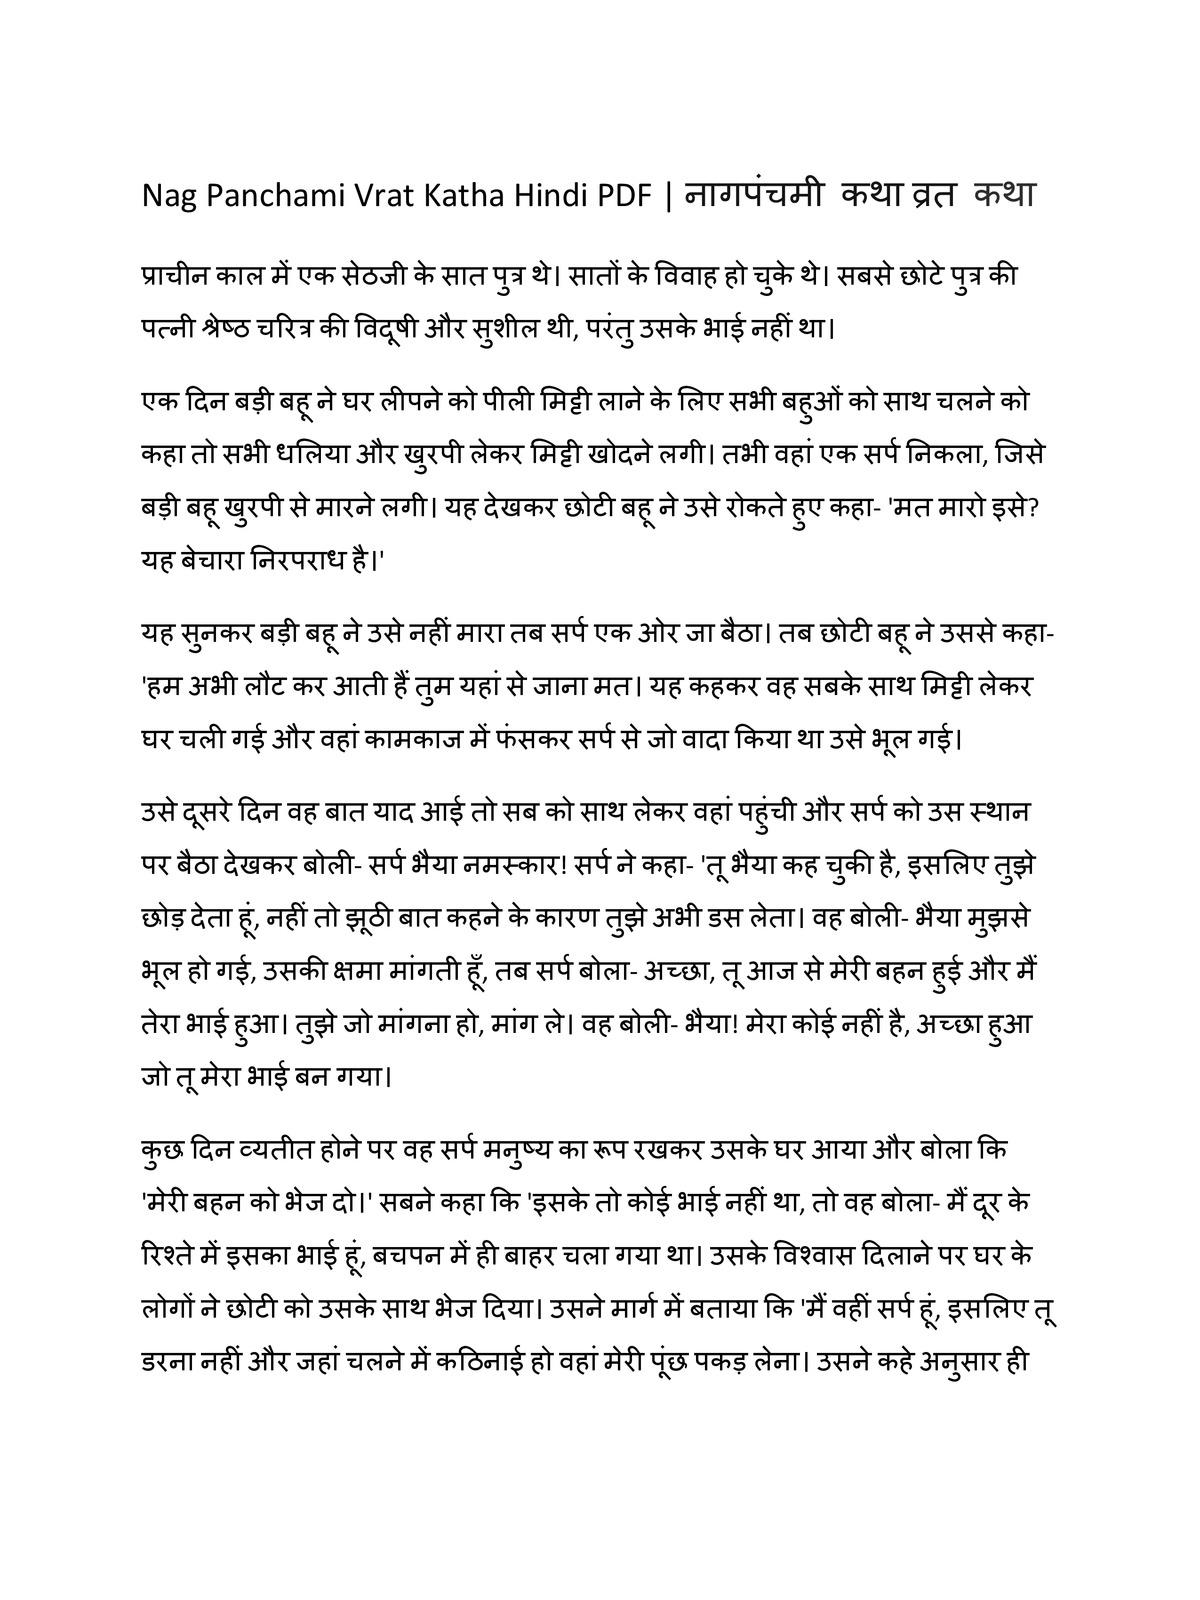 नाग पंचमी व्रत कथा   Nag Panchami Vrat Katha & Pooja Vidhi pdf